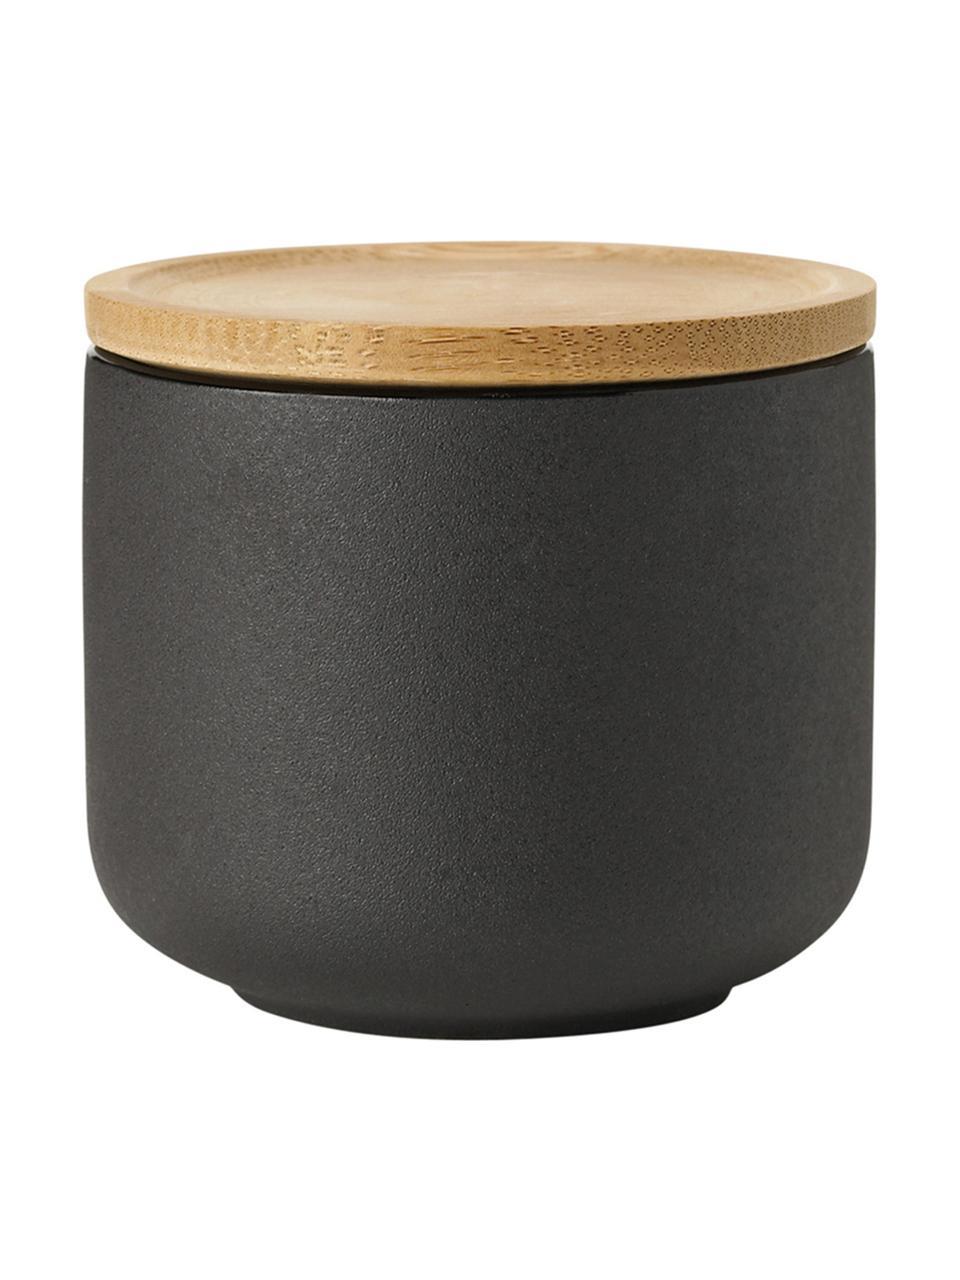 Beker Theo in zwart met deksel/onderzetter, Beker: keramiek, Deksel: bamboe, Zwart, Ø 9 x H 9 cm